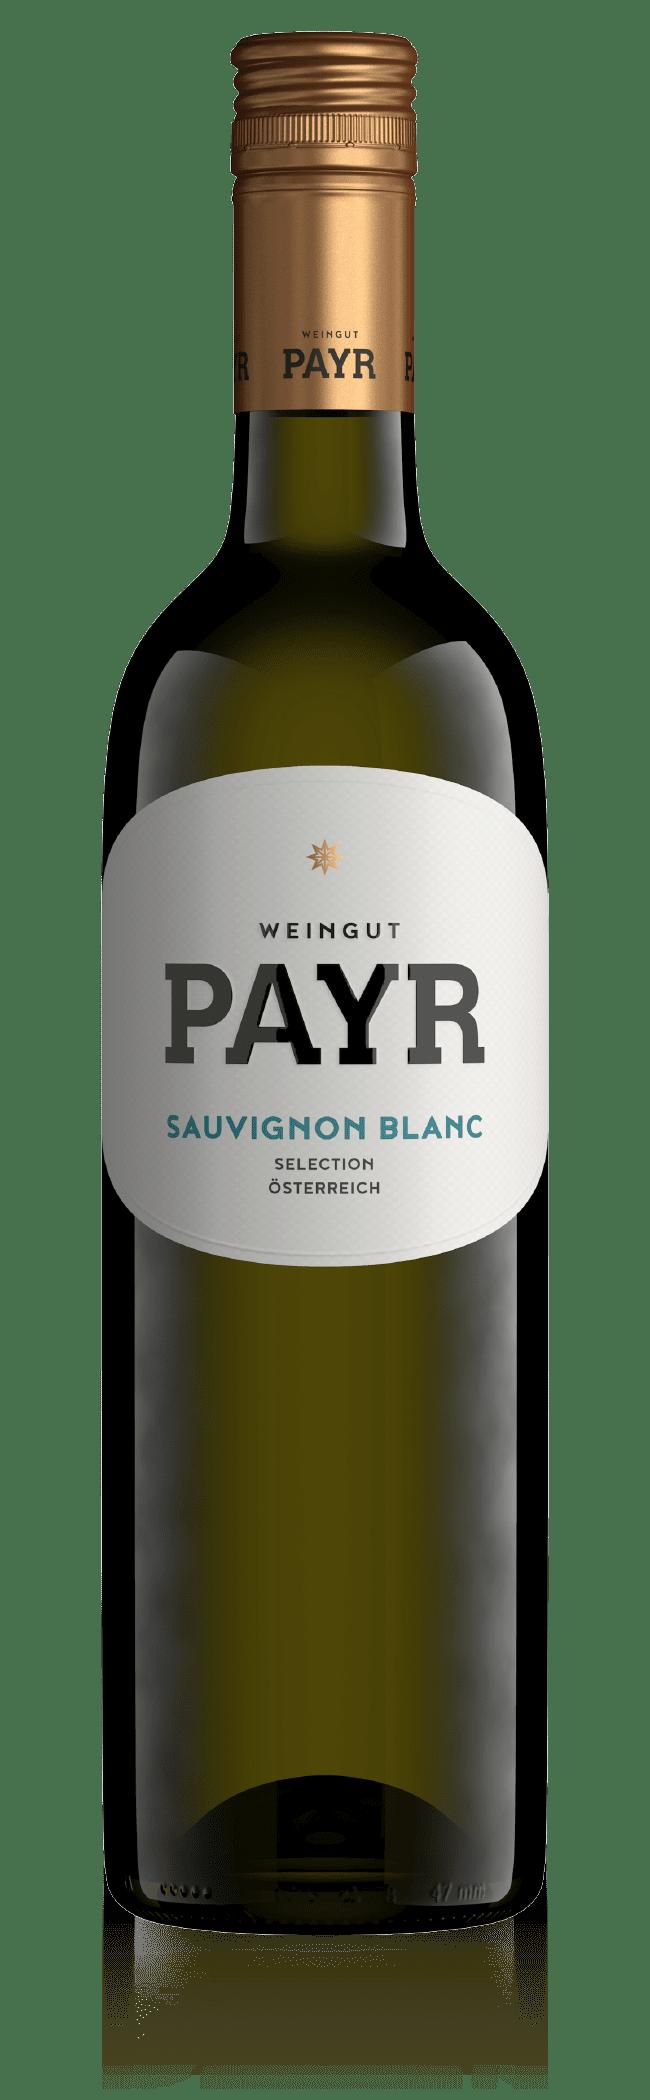 Weinflasche Sauvignon Blanc